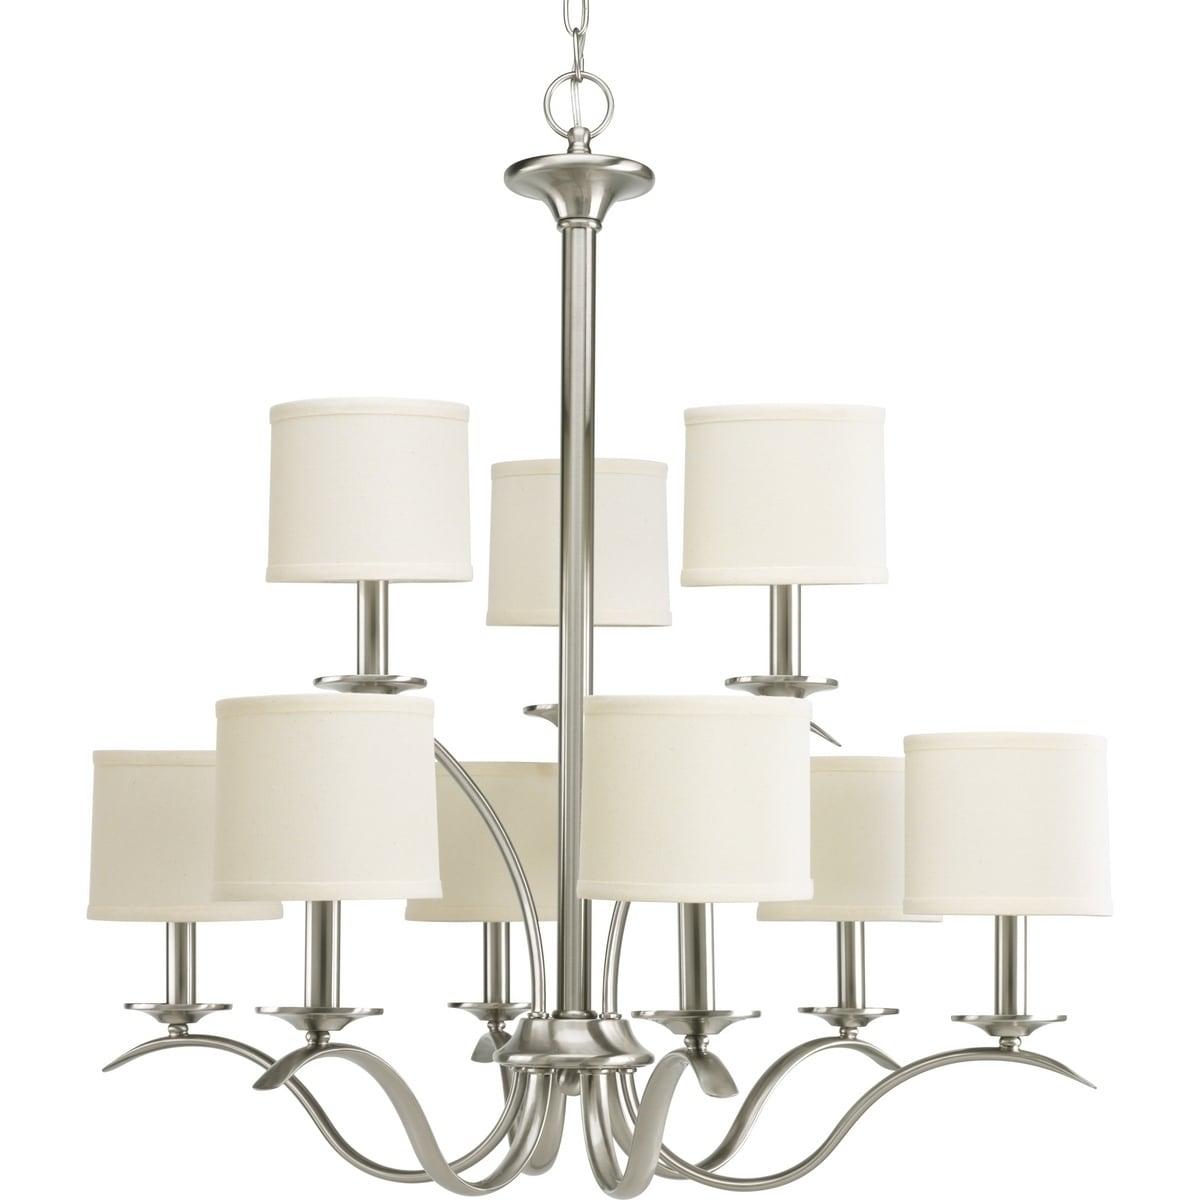 Progress lighting inspire collection 9 light brushed nickel chandelier lighting fixture